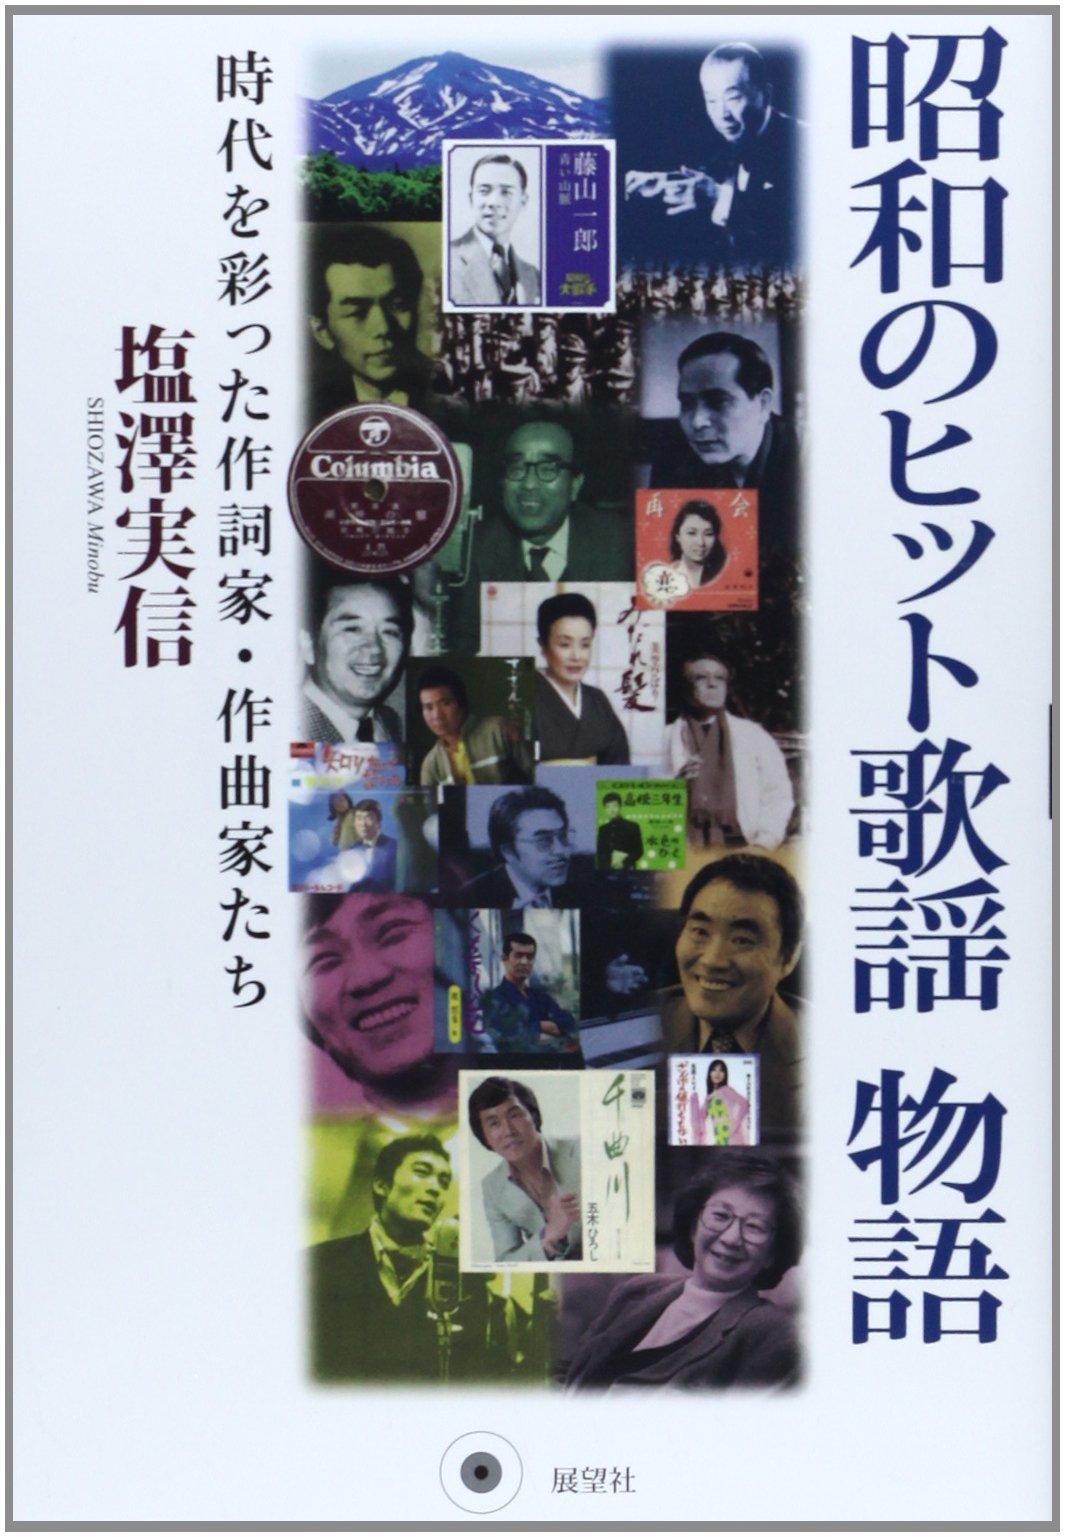 Showa no hitto kayo monogatari : Jidai o irodotta sakushika sakkyokukatachi. pdf